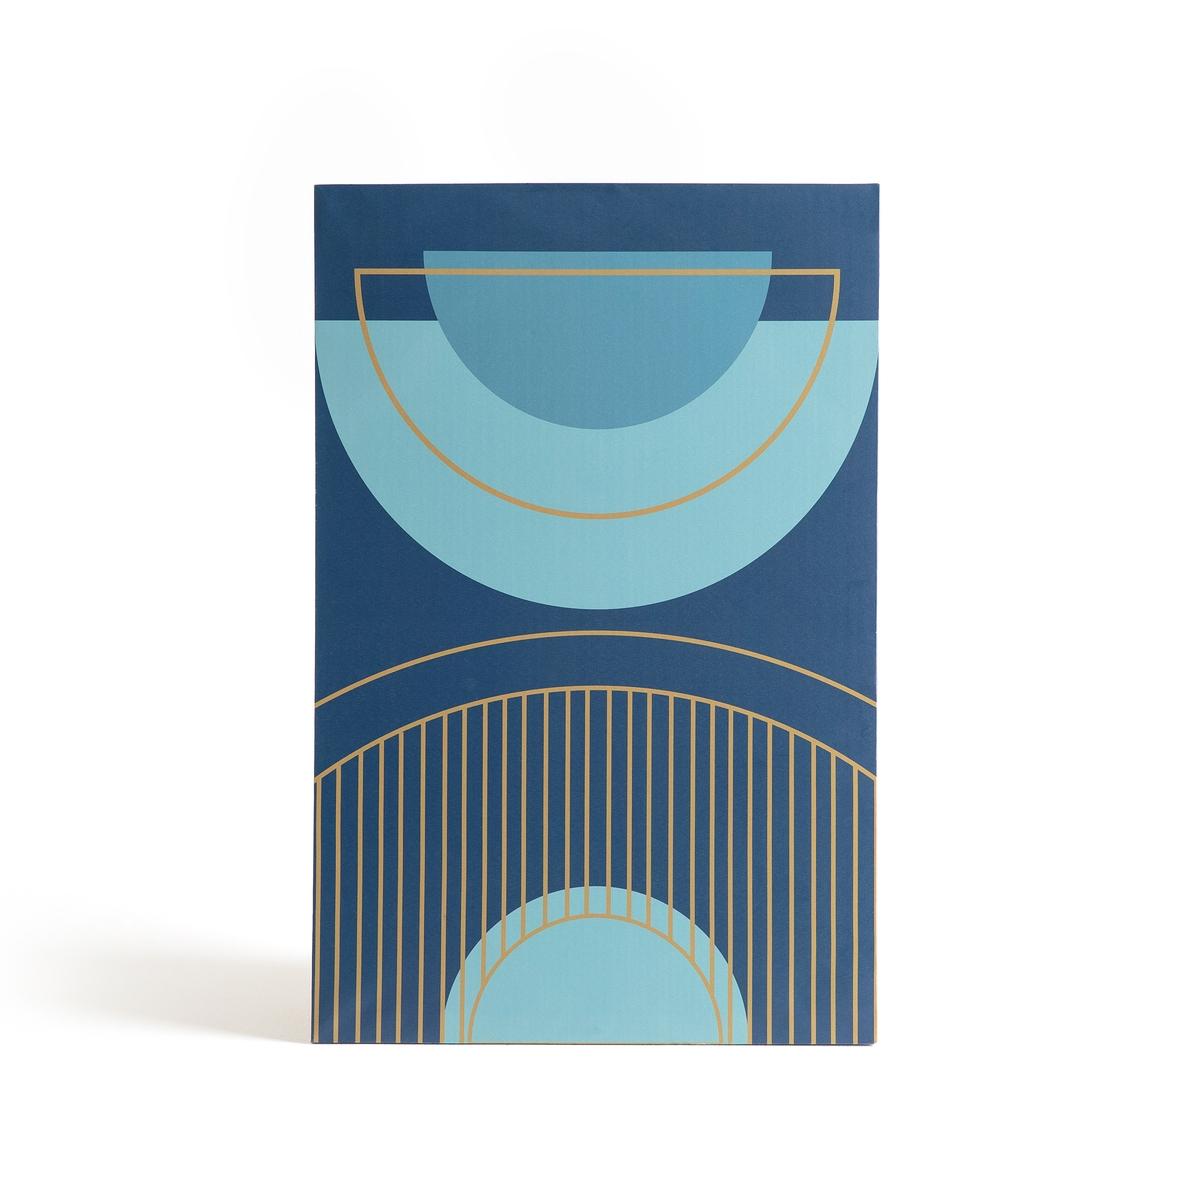 Холст LIANAХолст Liana. Геометрические мотивы в стилистике Арт Деко для интерьера в винтажном стиле.Описание холста Liana:1 крючок для крепления Ткань канва на рамке из сосны Откройте для себя всю коллекцию декора на сайте laredoute.ruРазмеры 1 картины :L46 x H70 см<br><br>Цвет: сине-зеленый<br>Размер: единый размер